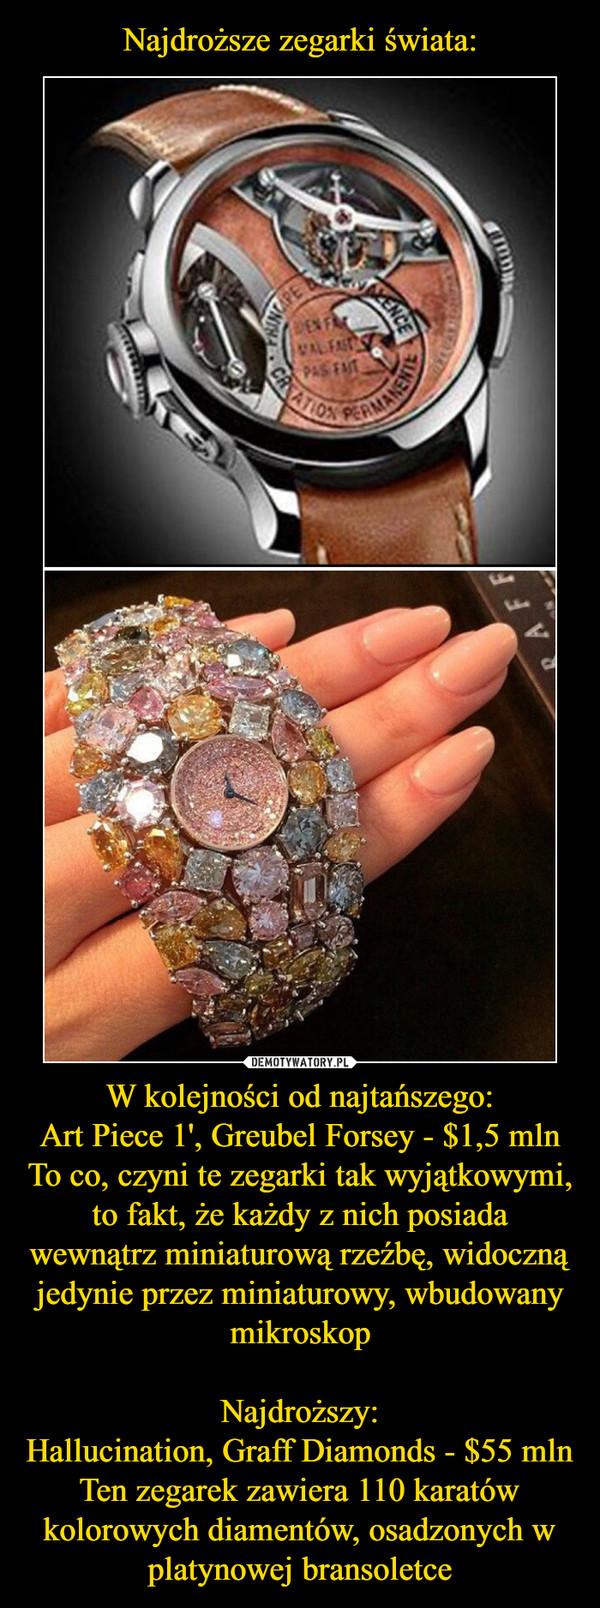 W kolejności od najtańszego:Art Piece 1', Greubel Forsey - $1,5 mlnTo co, czyni te zegarki tak wyjątkowymi, to fakt, że każdy z nich posiada wewnątrz miniaturową rzeźbę, widoczną jedynie przez miniaturowy, wbudowany mikroskopNajdroższy:Hallucination, Graff Diamonds - $55 mlnTen zegarek zawiera 110 karatów kolorowych diamentów, osadzonych w platynowej bransoletce –